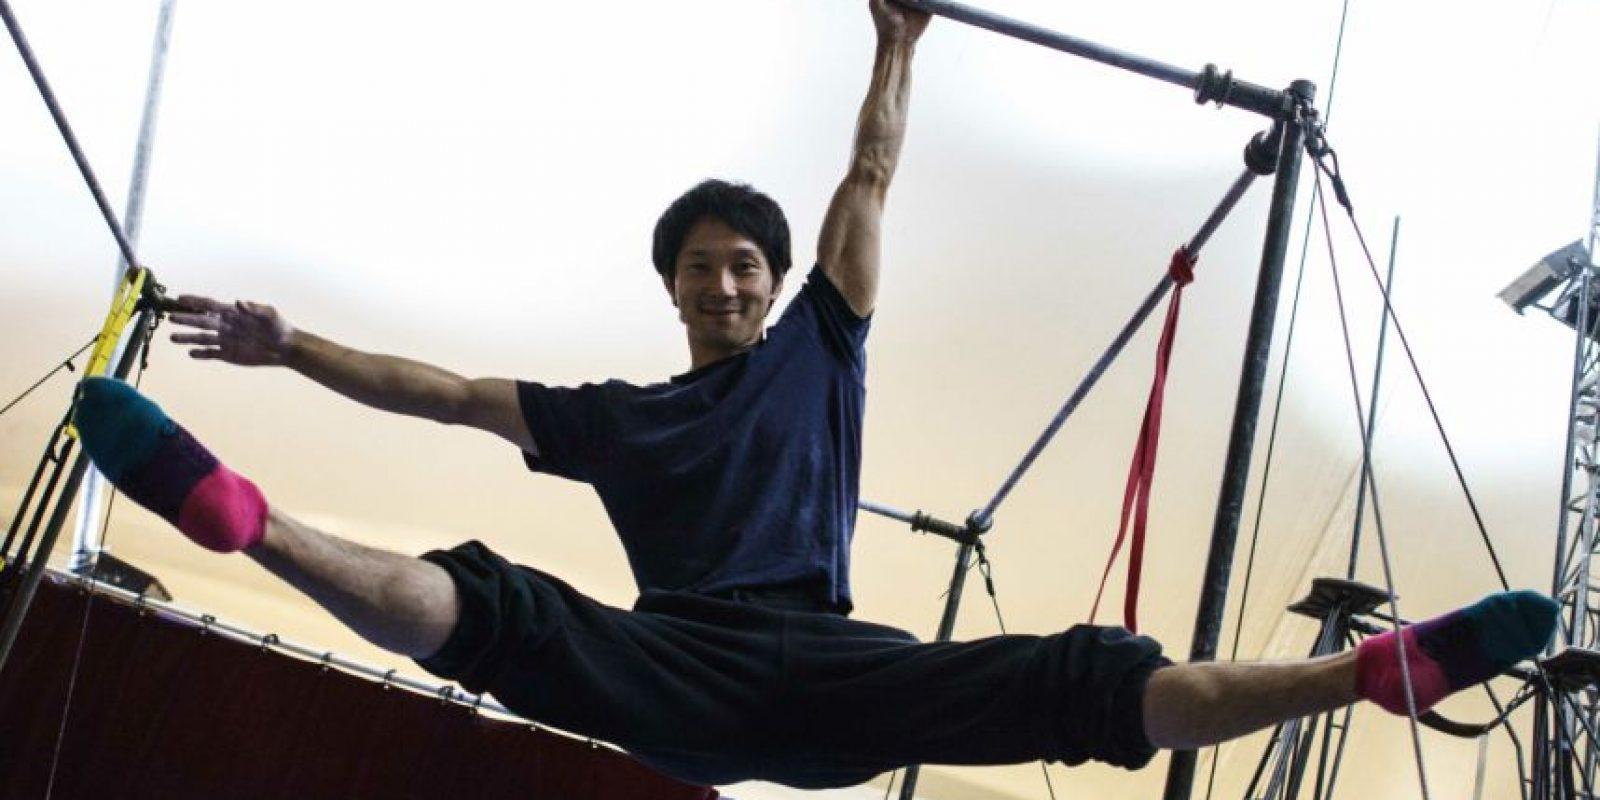 Hideto Okuzawa hace parte de Corteo, el show del Circo del sol que se presenta en Bogotá. Foto:Juan Pablo Pino / Publimetro